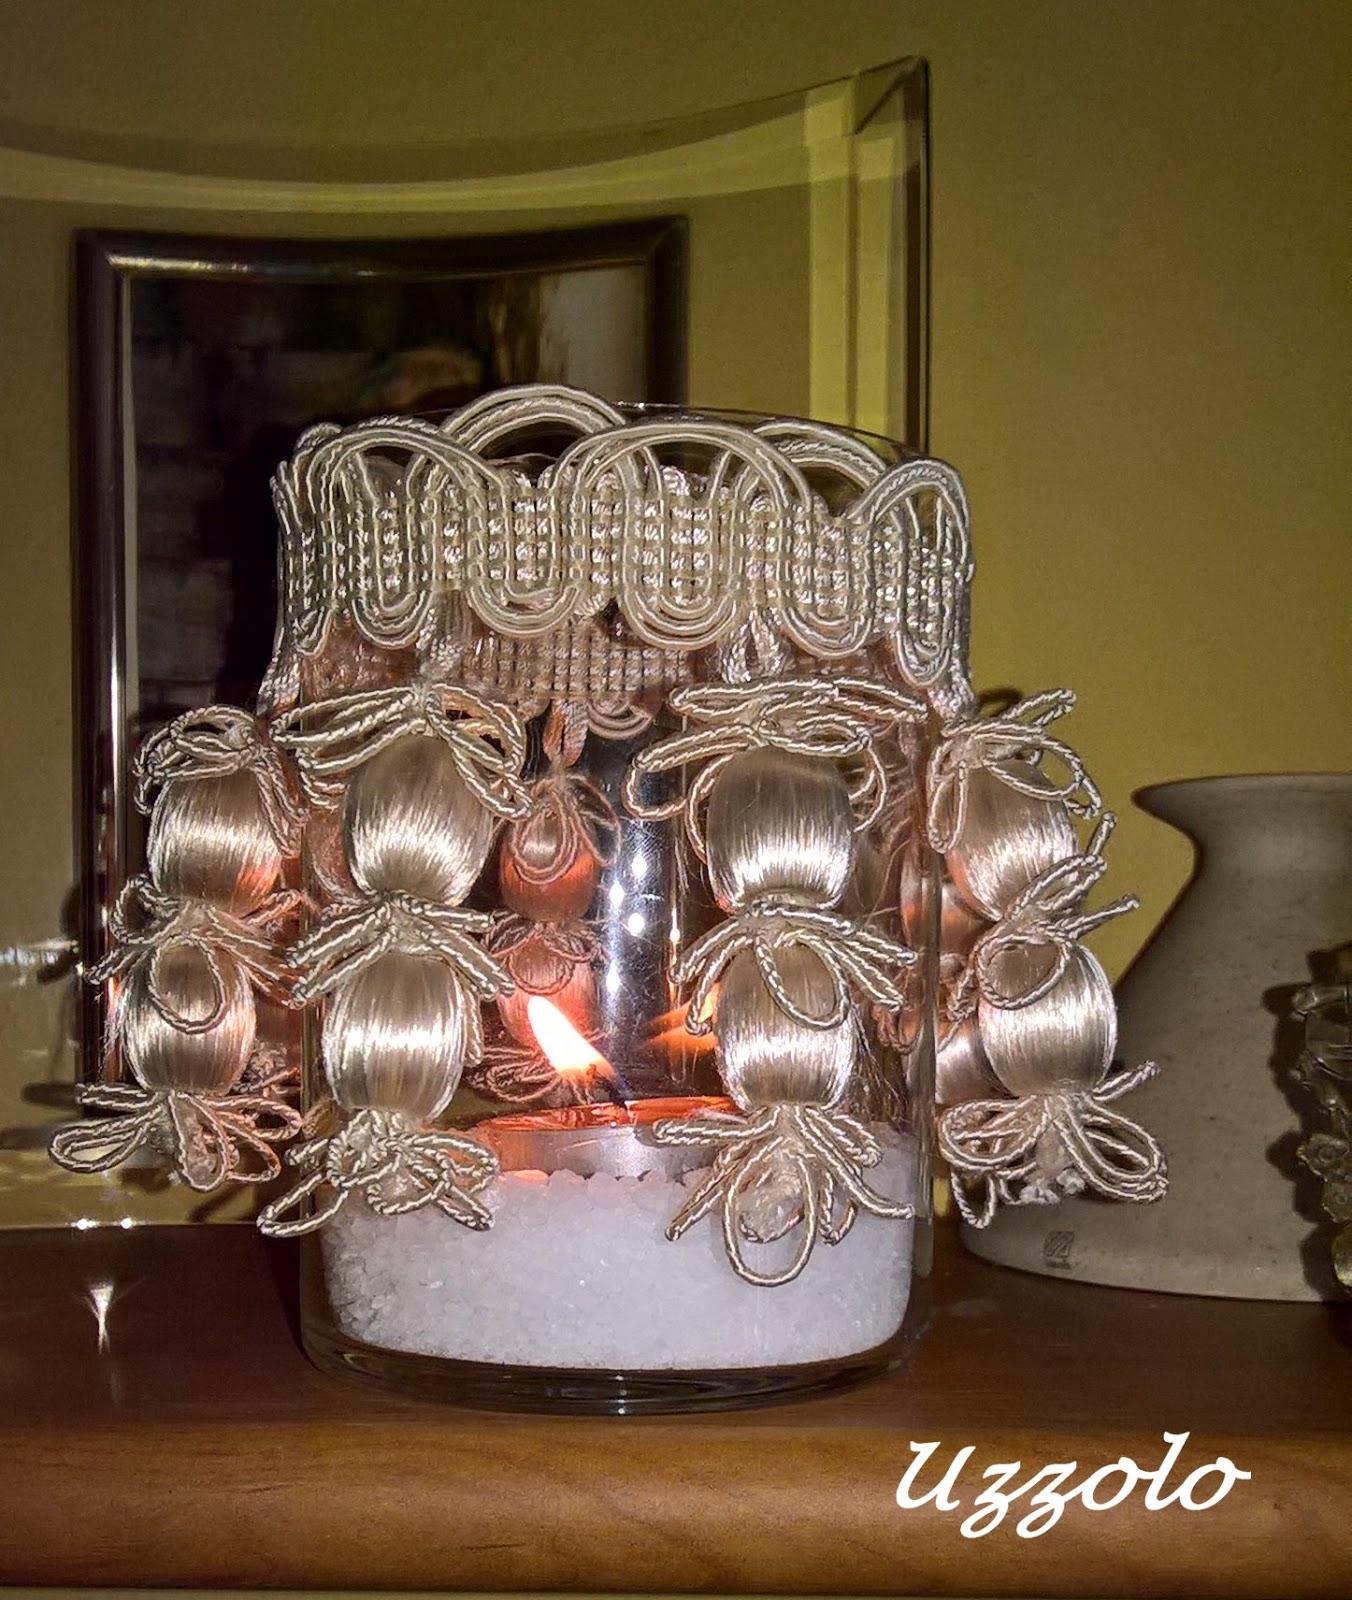 Uzzolo porta candela con il riciclo creativo for Porta candela